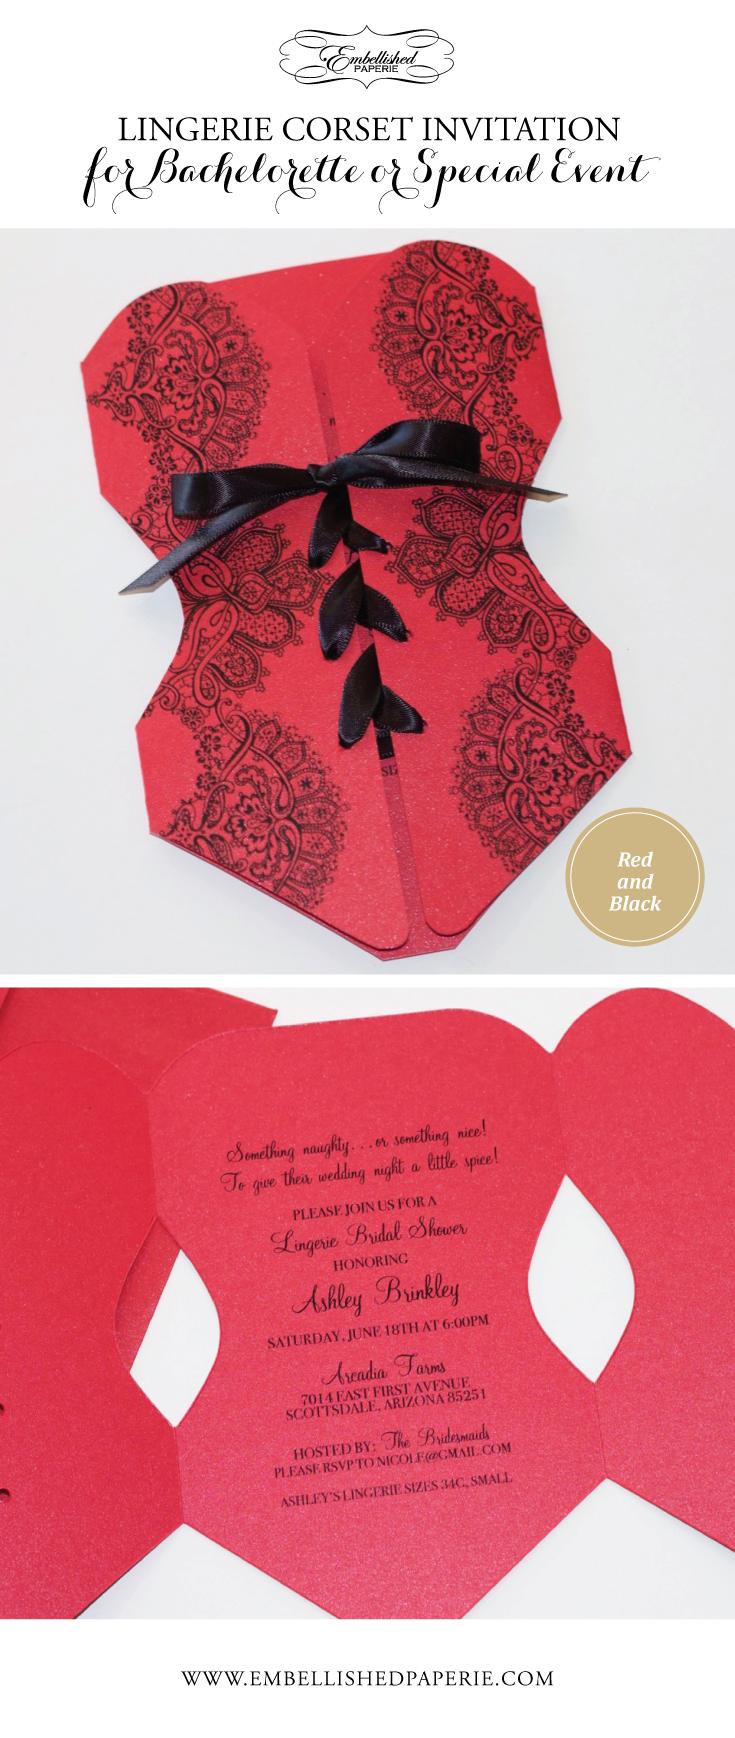 Lingerie Corset Bridal Shower Invitation - Bachelorette Party ...